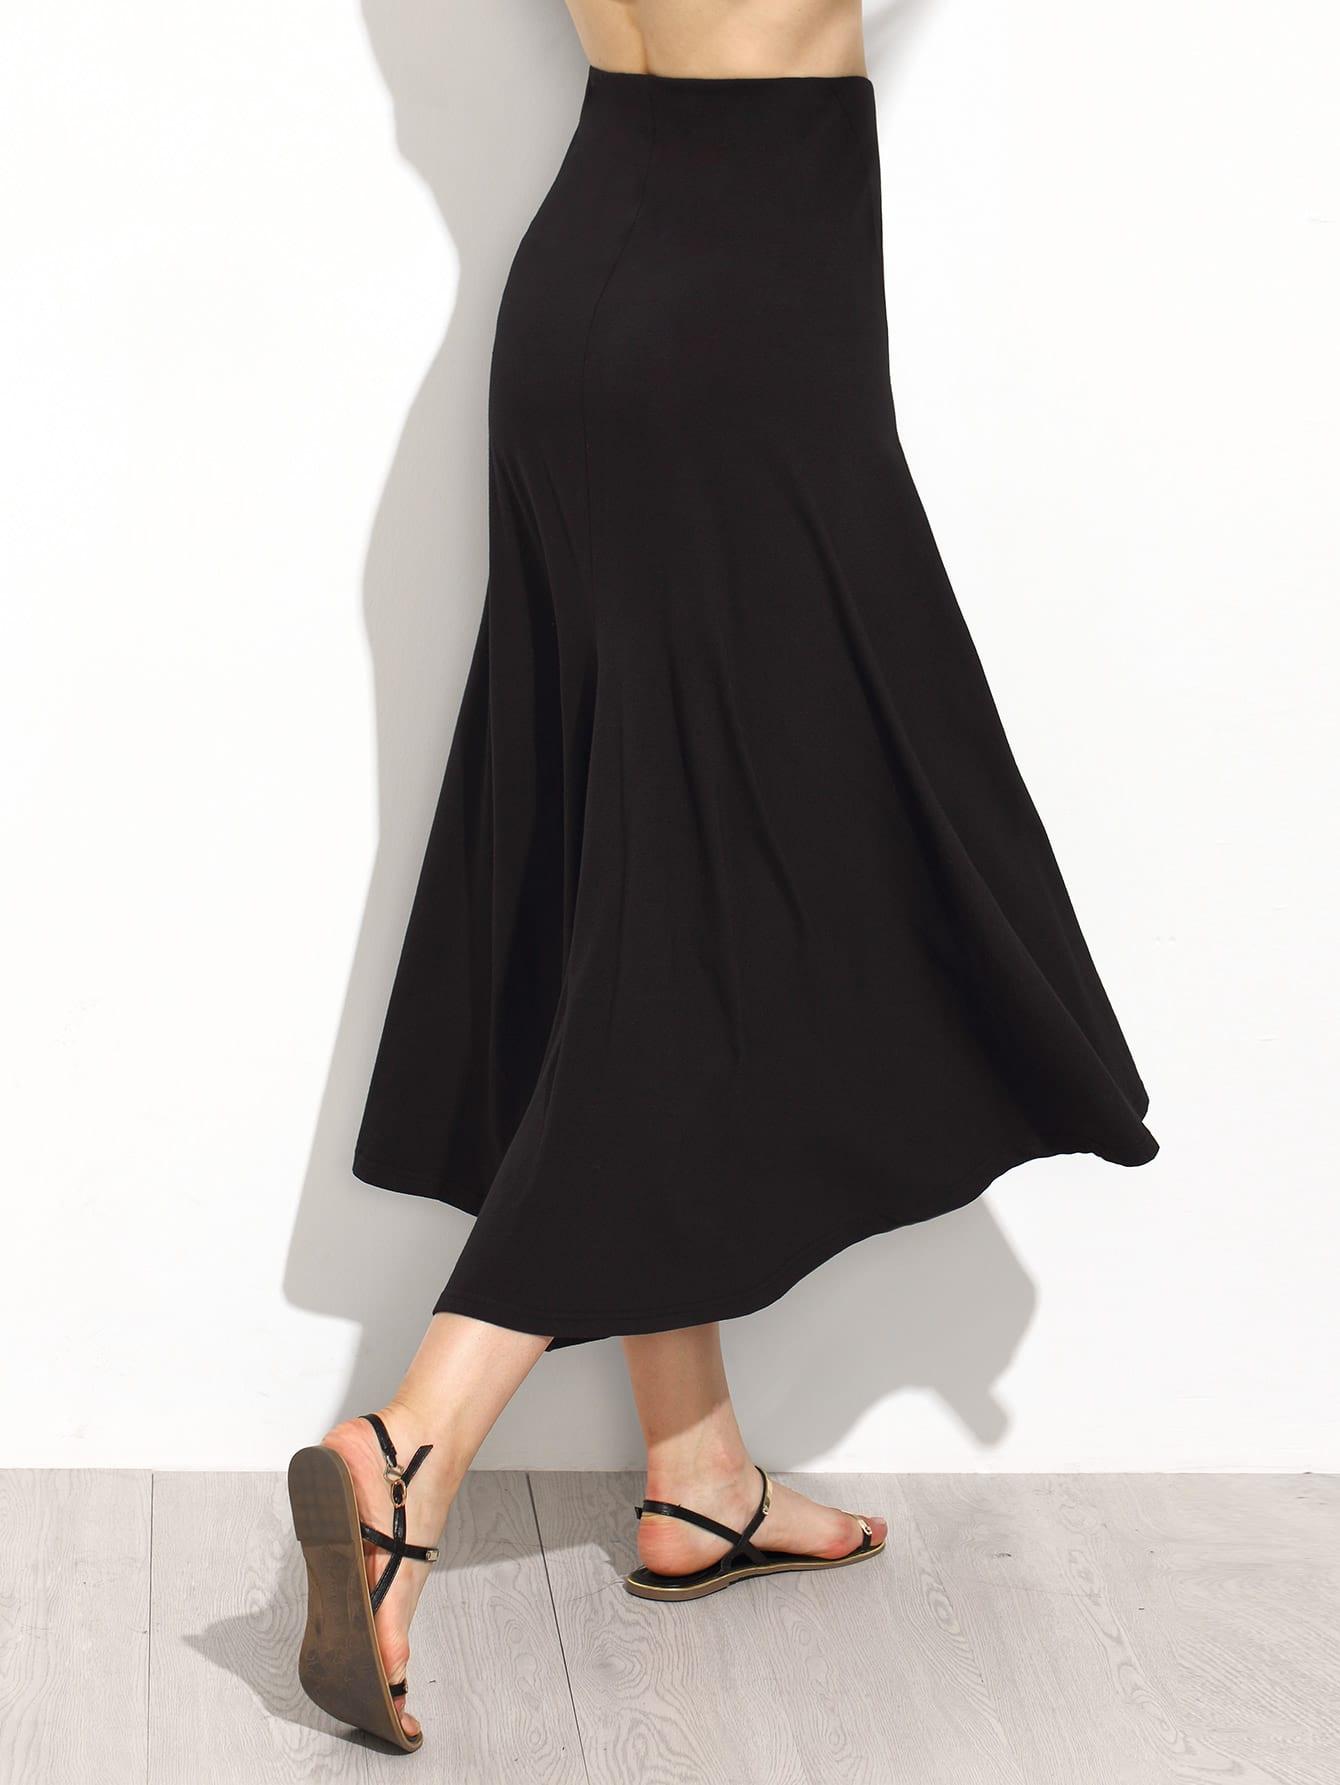 Skirt With Elastic Waist 119